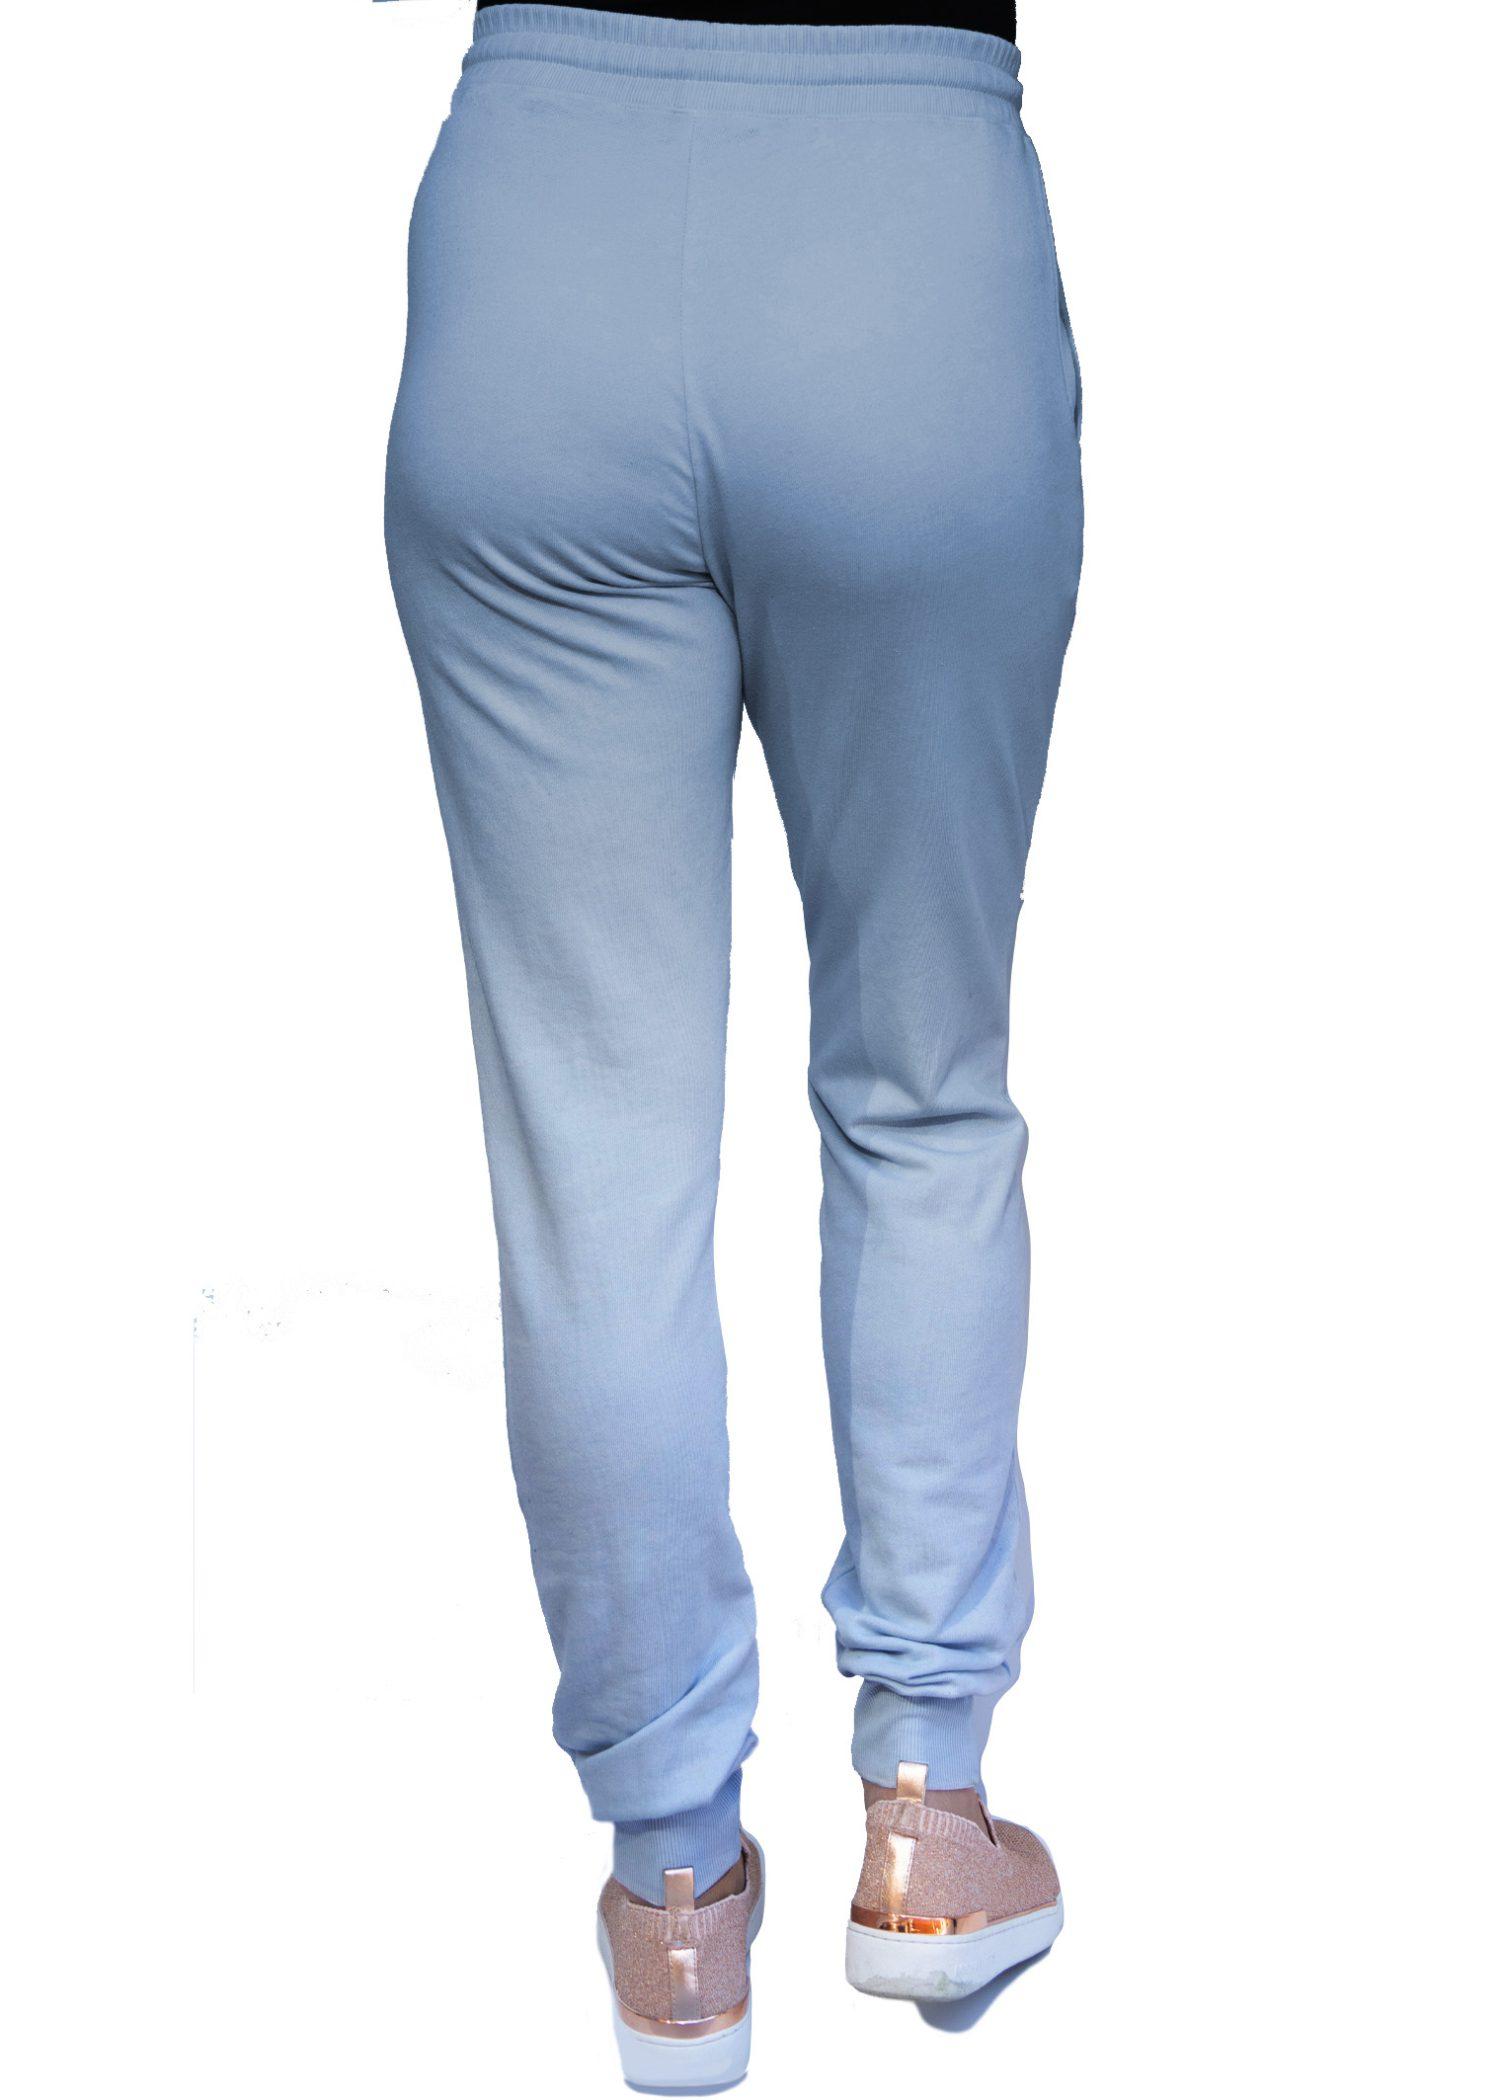 gg 311 unisex womens back blue